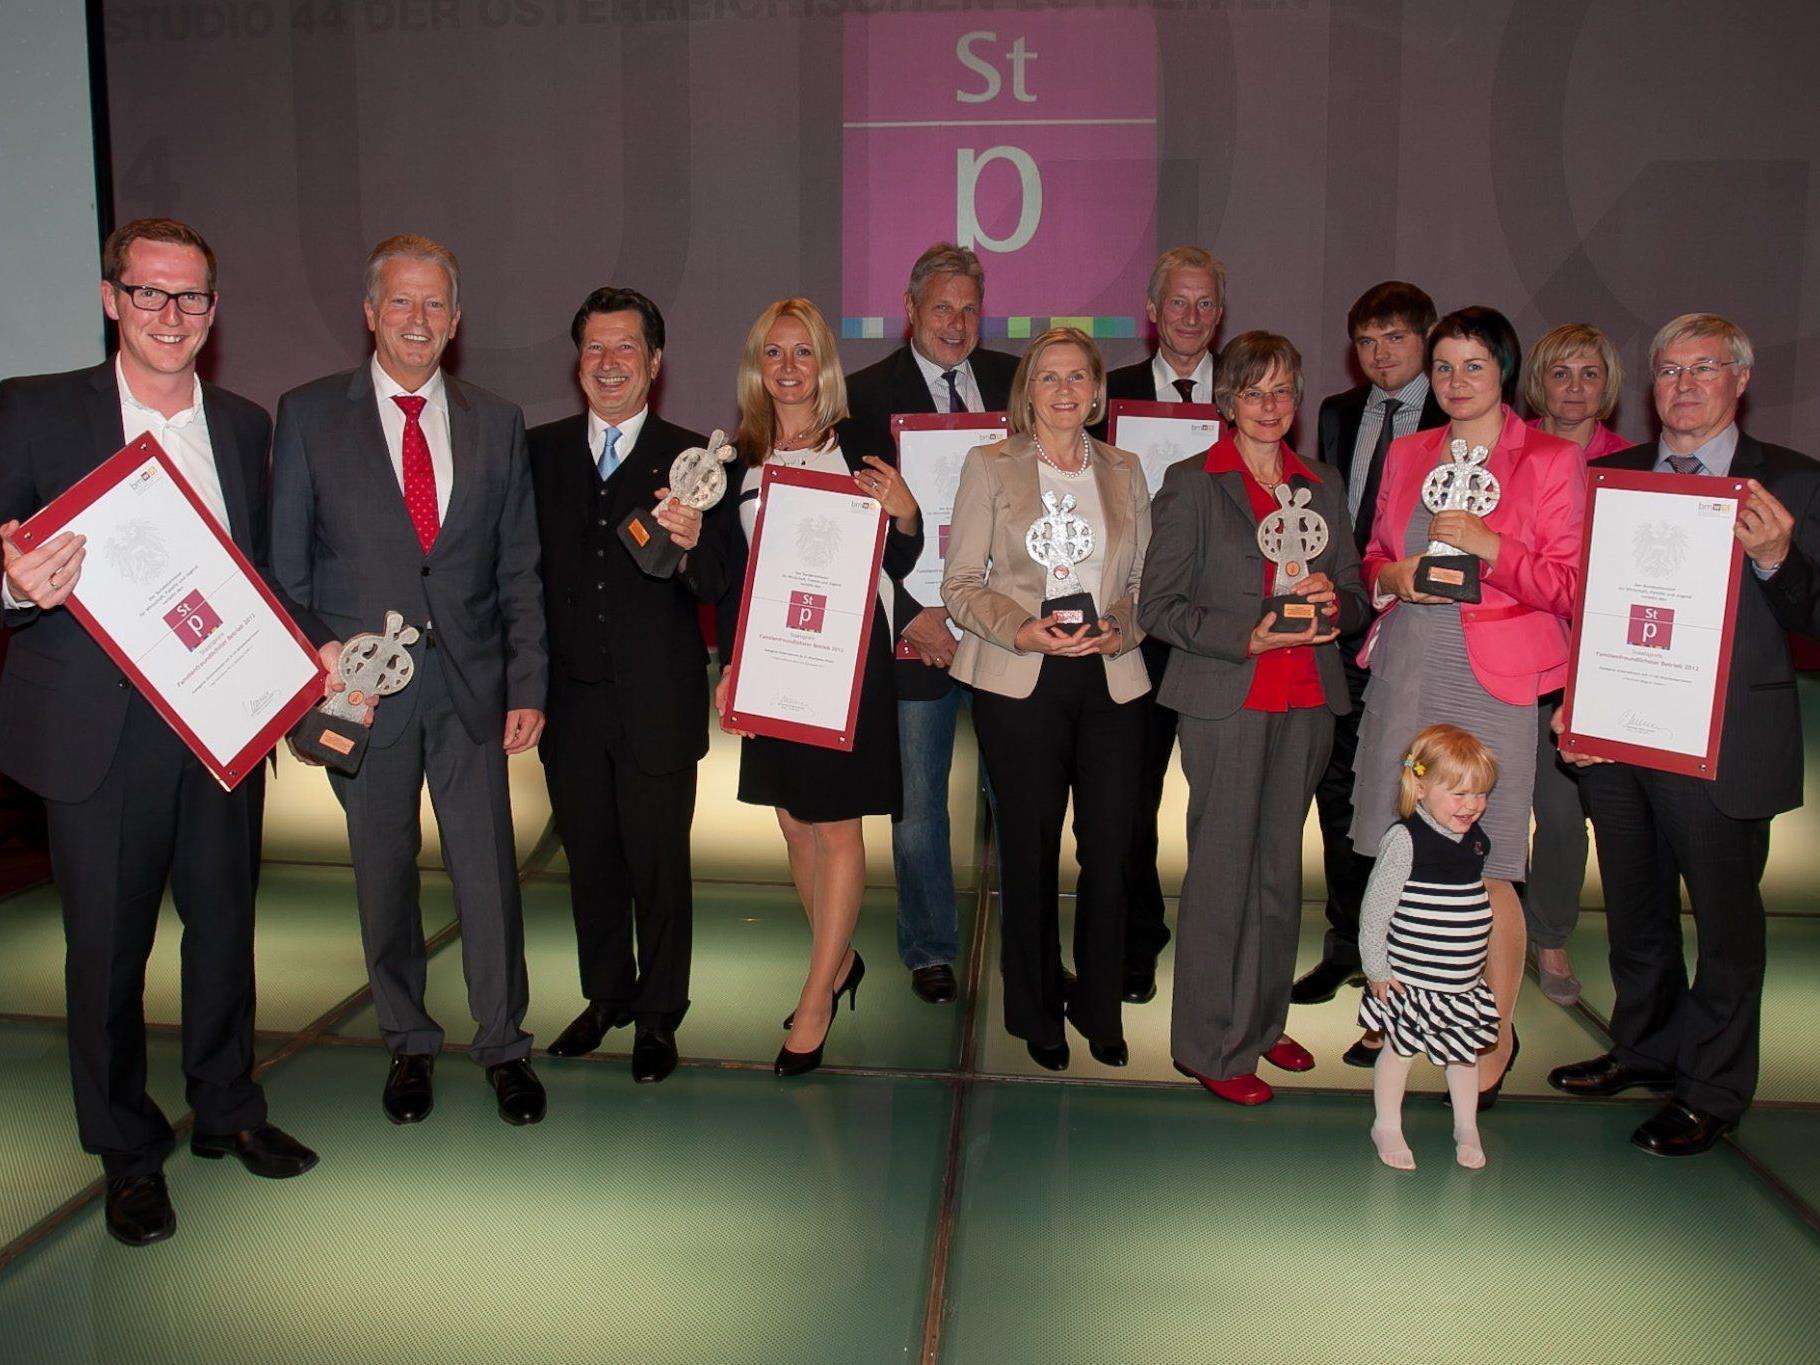 Wirtschafts- und Familienminister Reinhold Mitterlehner mit den Vertreterinnen und Vertretern aller Staatspreis-Gewinner.